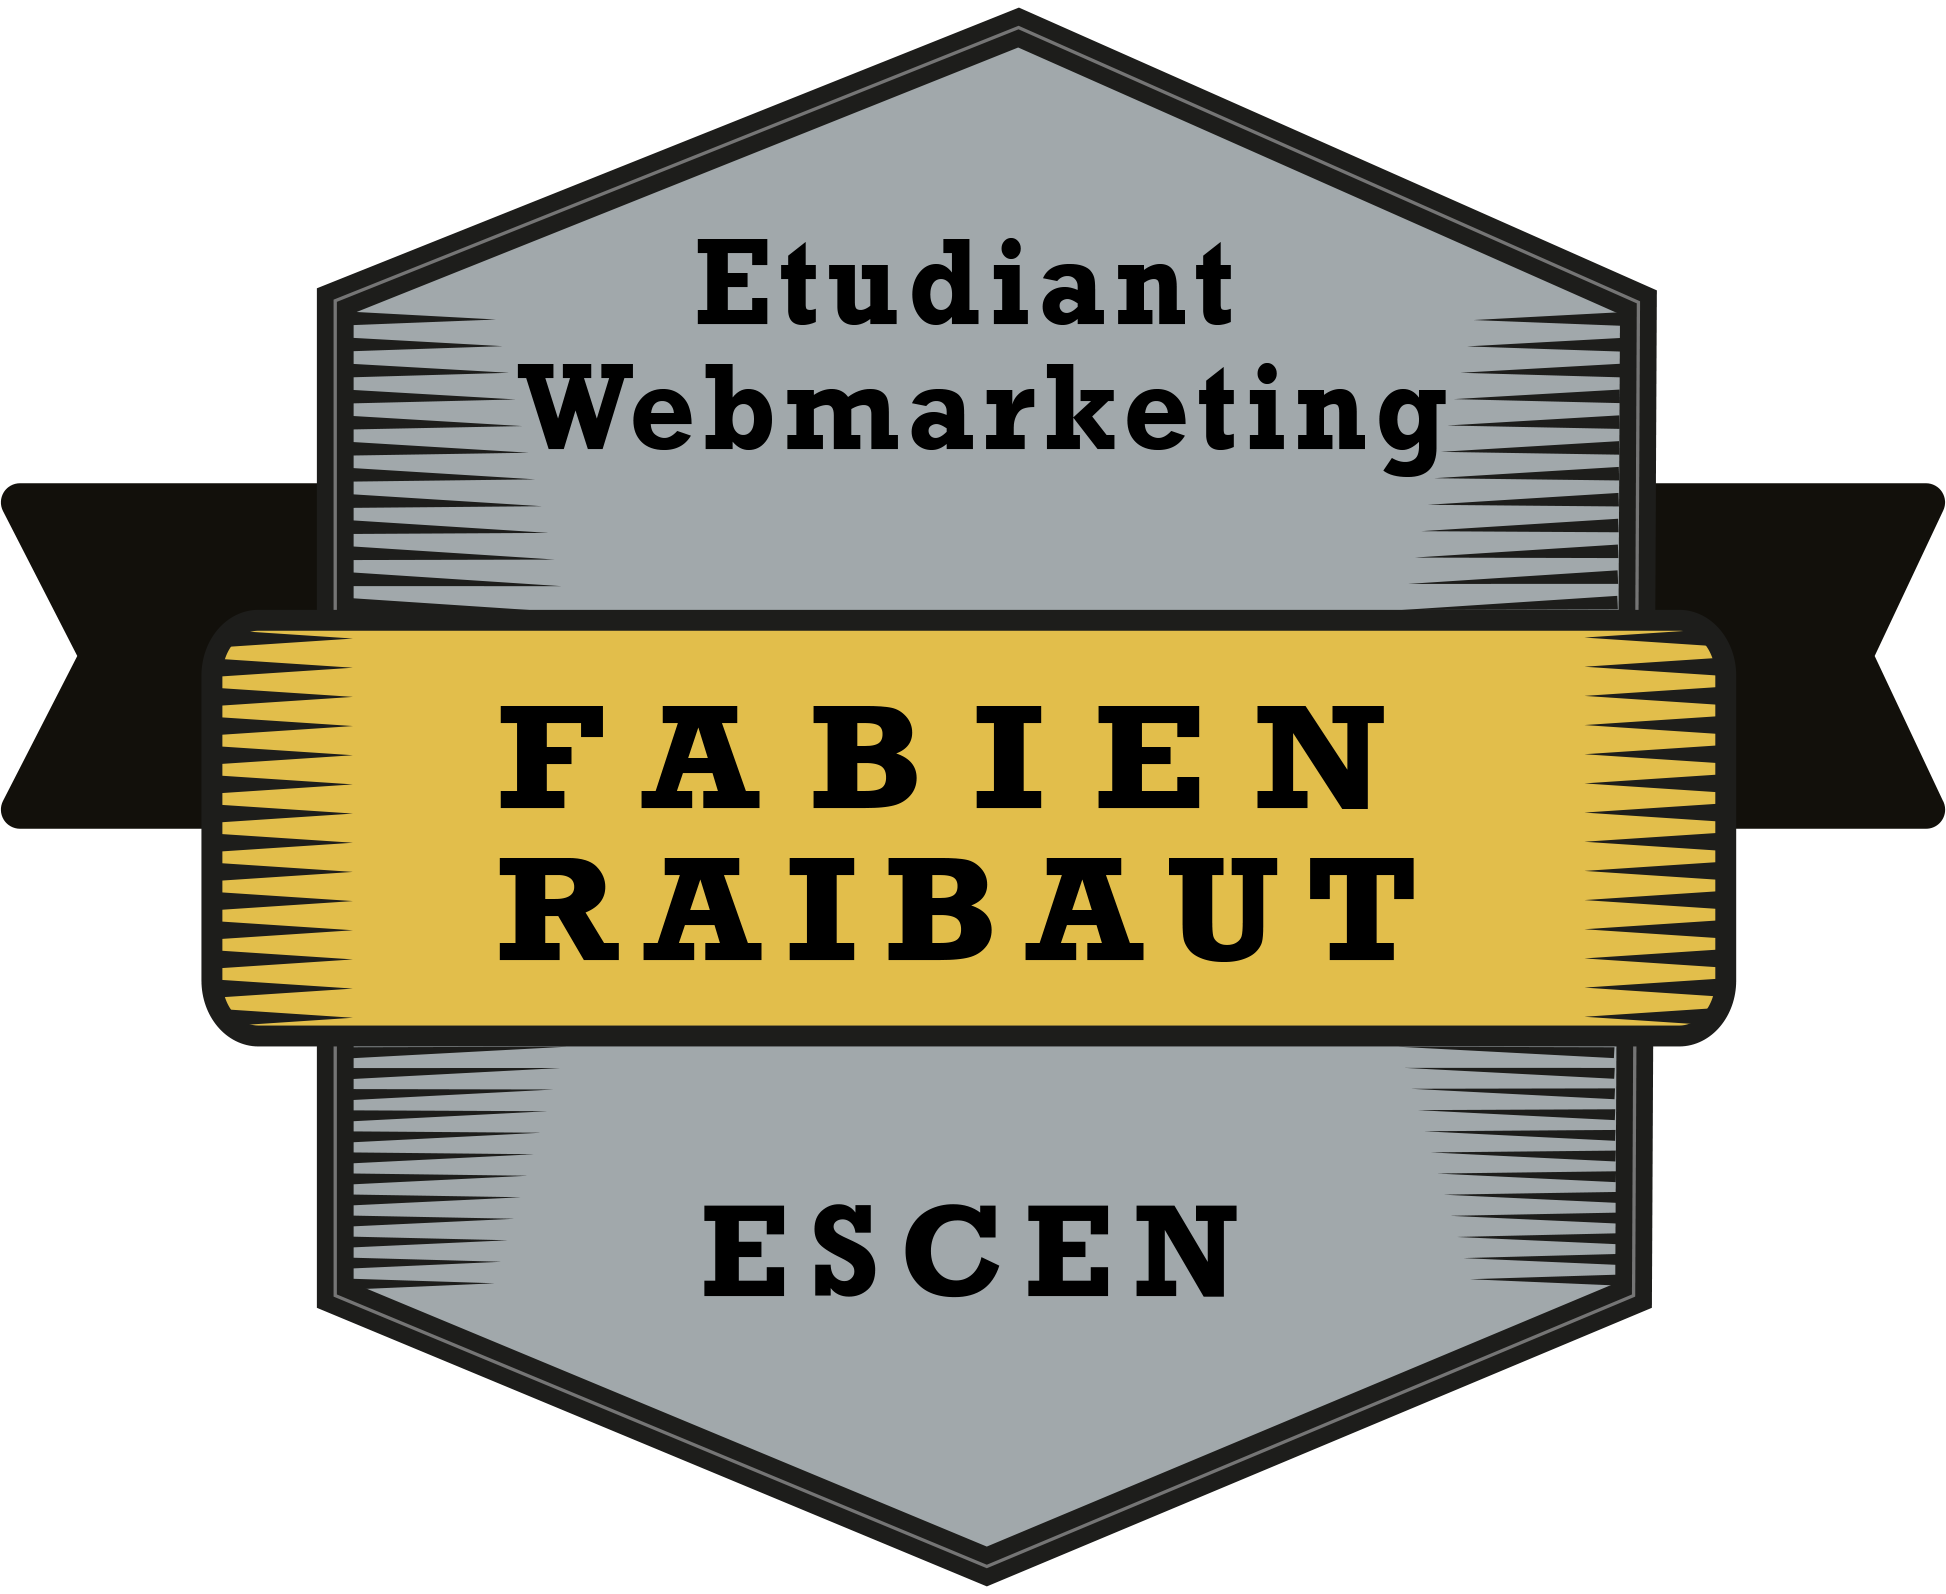 Fabien Raibaut